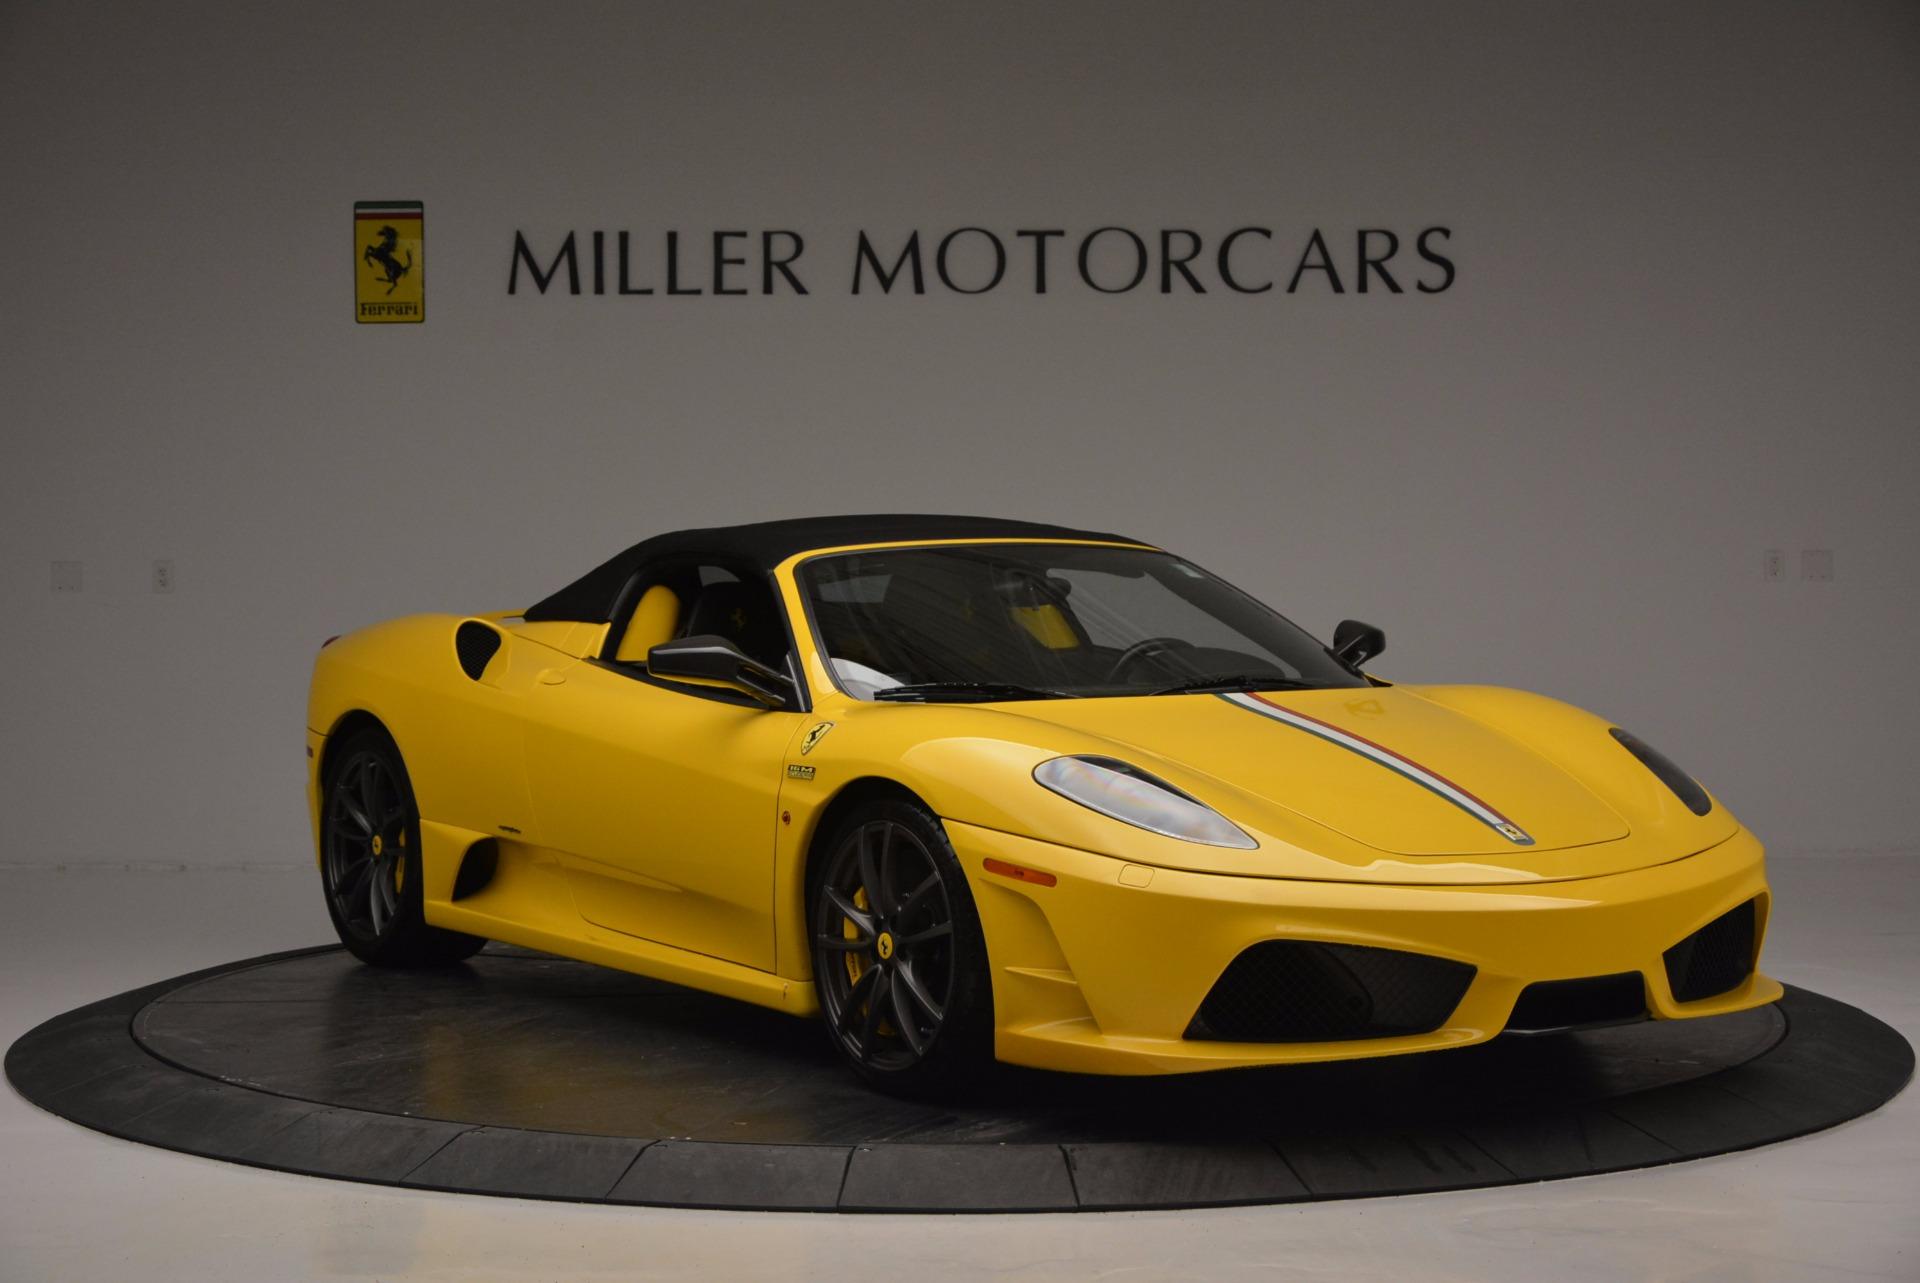 Used 2009 Ferrari F430 Scuderia 16M For Sale In Greenwich, CT. Alfa Romeo of Greenwich, 4369 856_p23